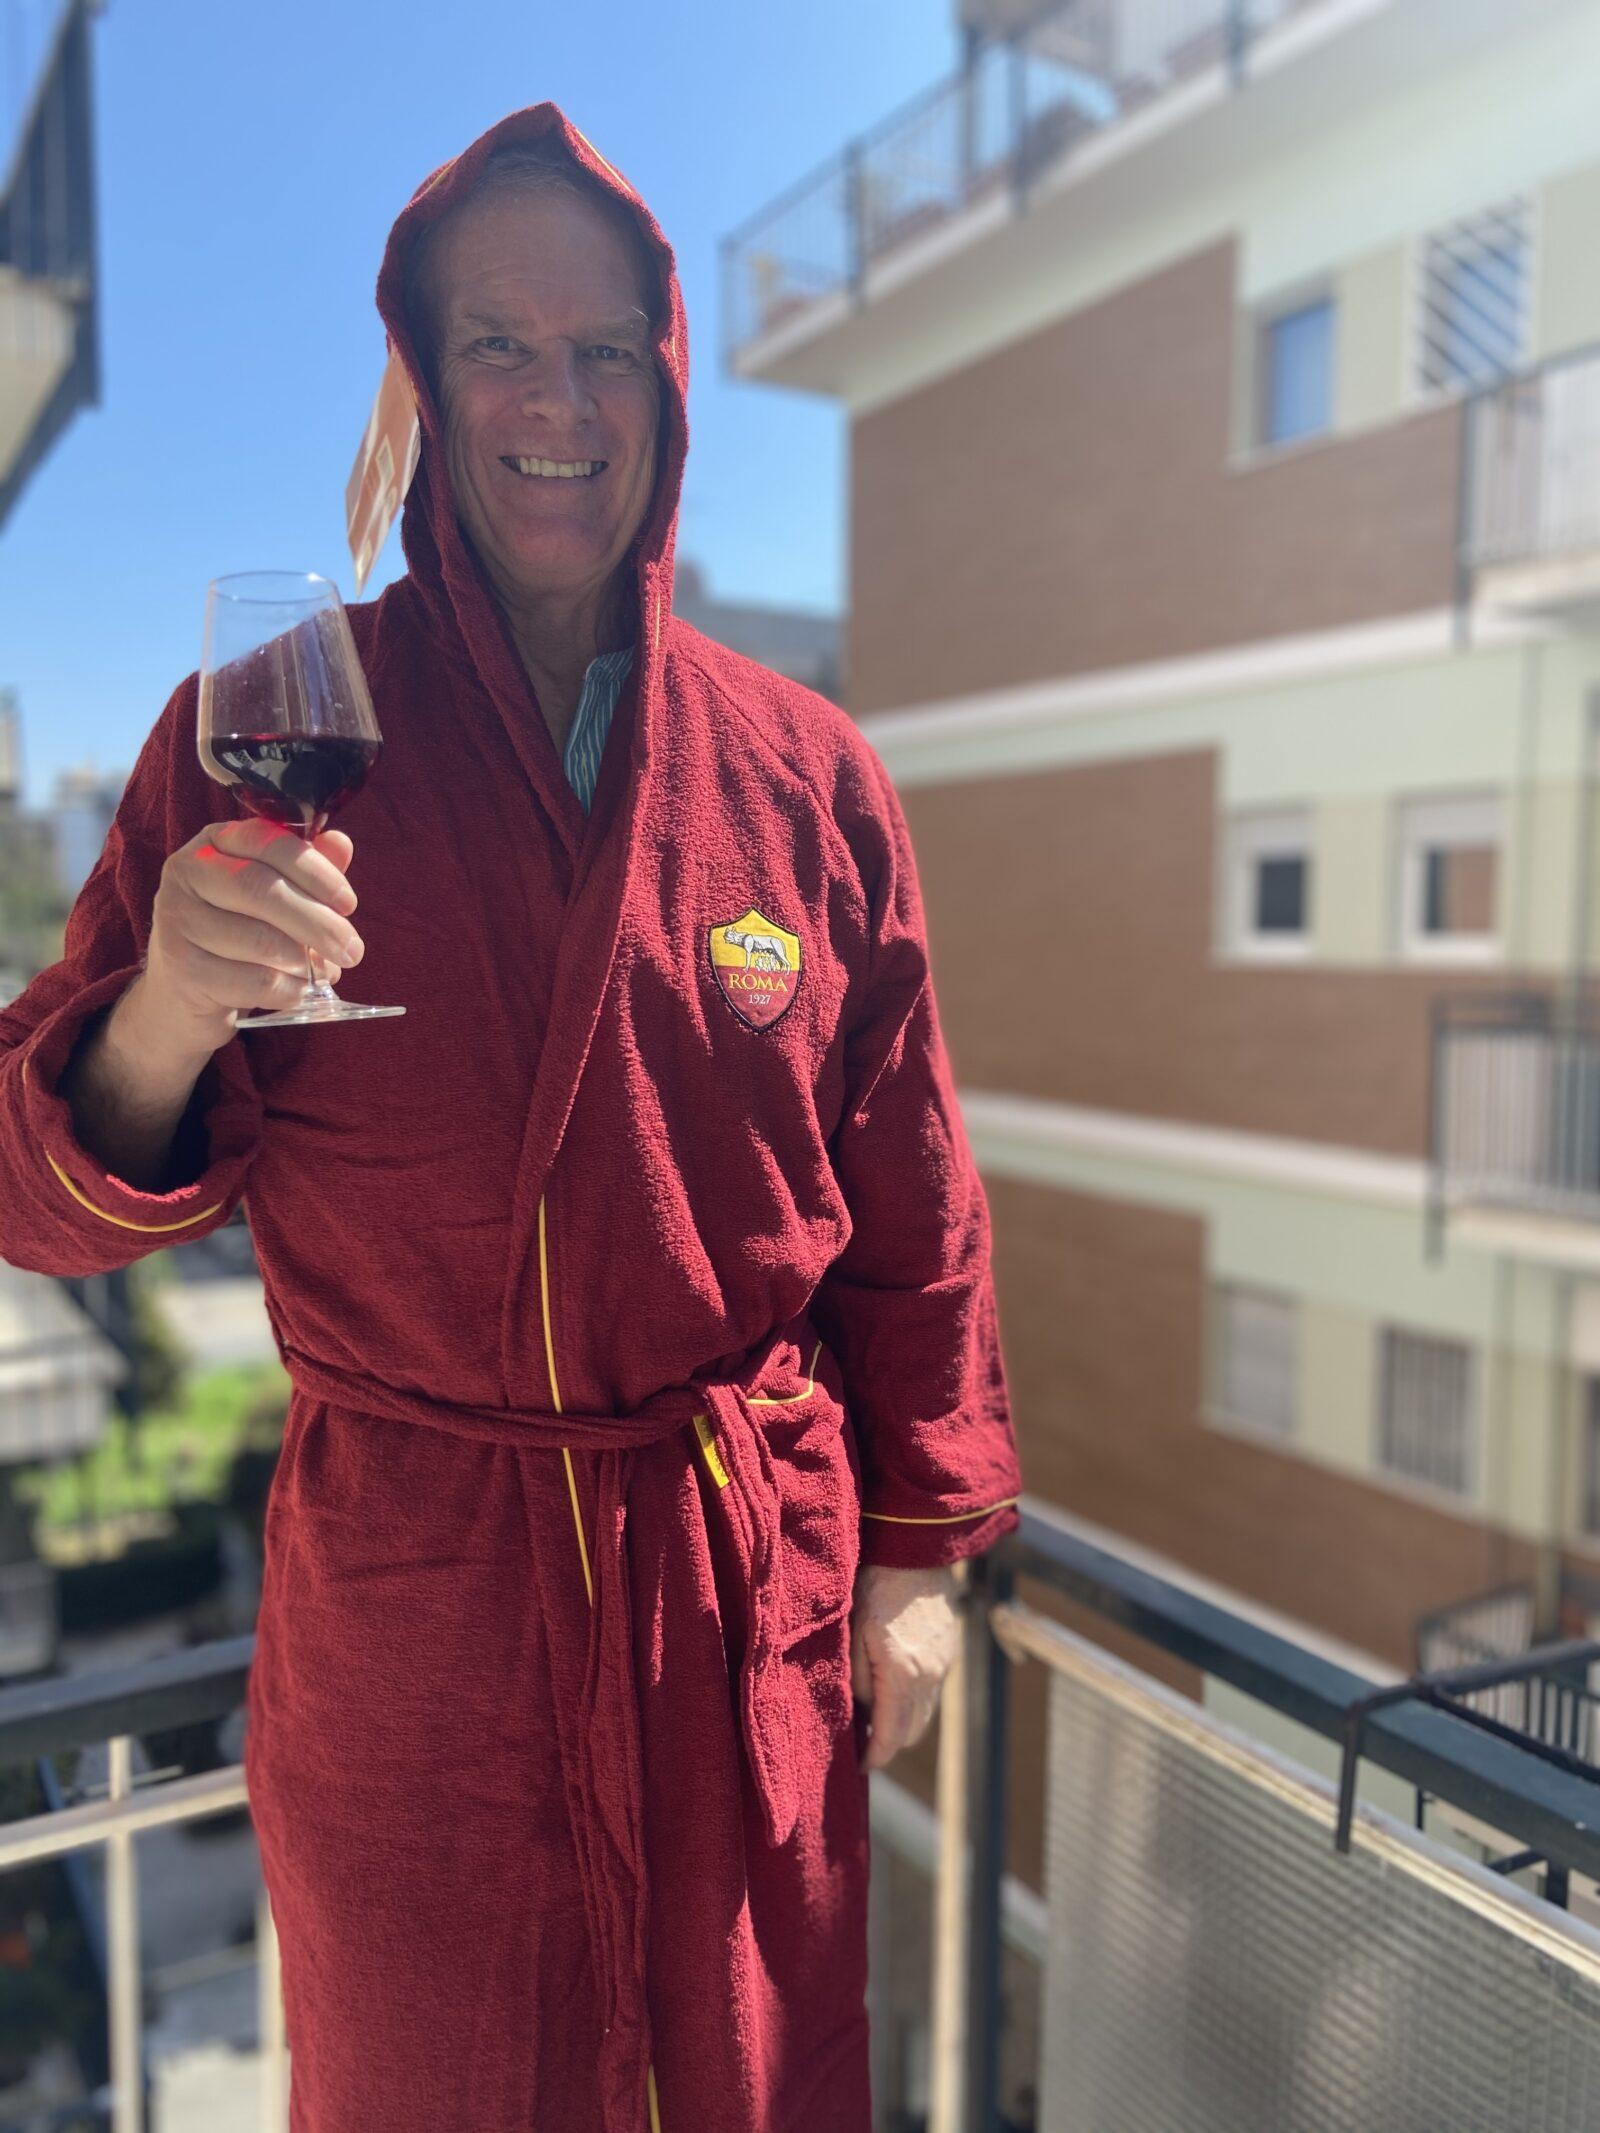 Marina gave me a new A.S. Roma bathrobe among many gifts.